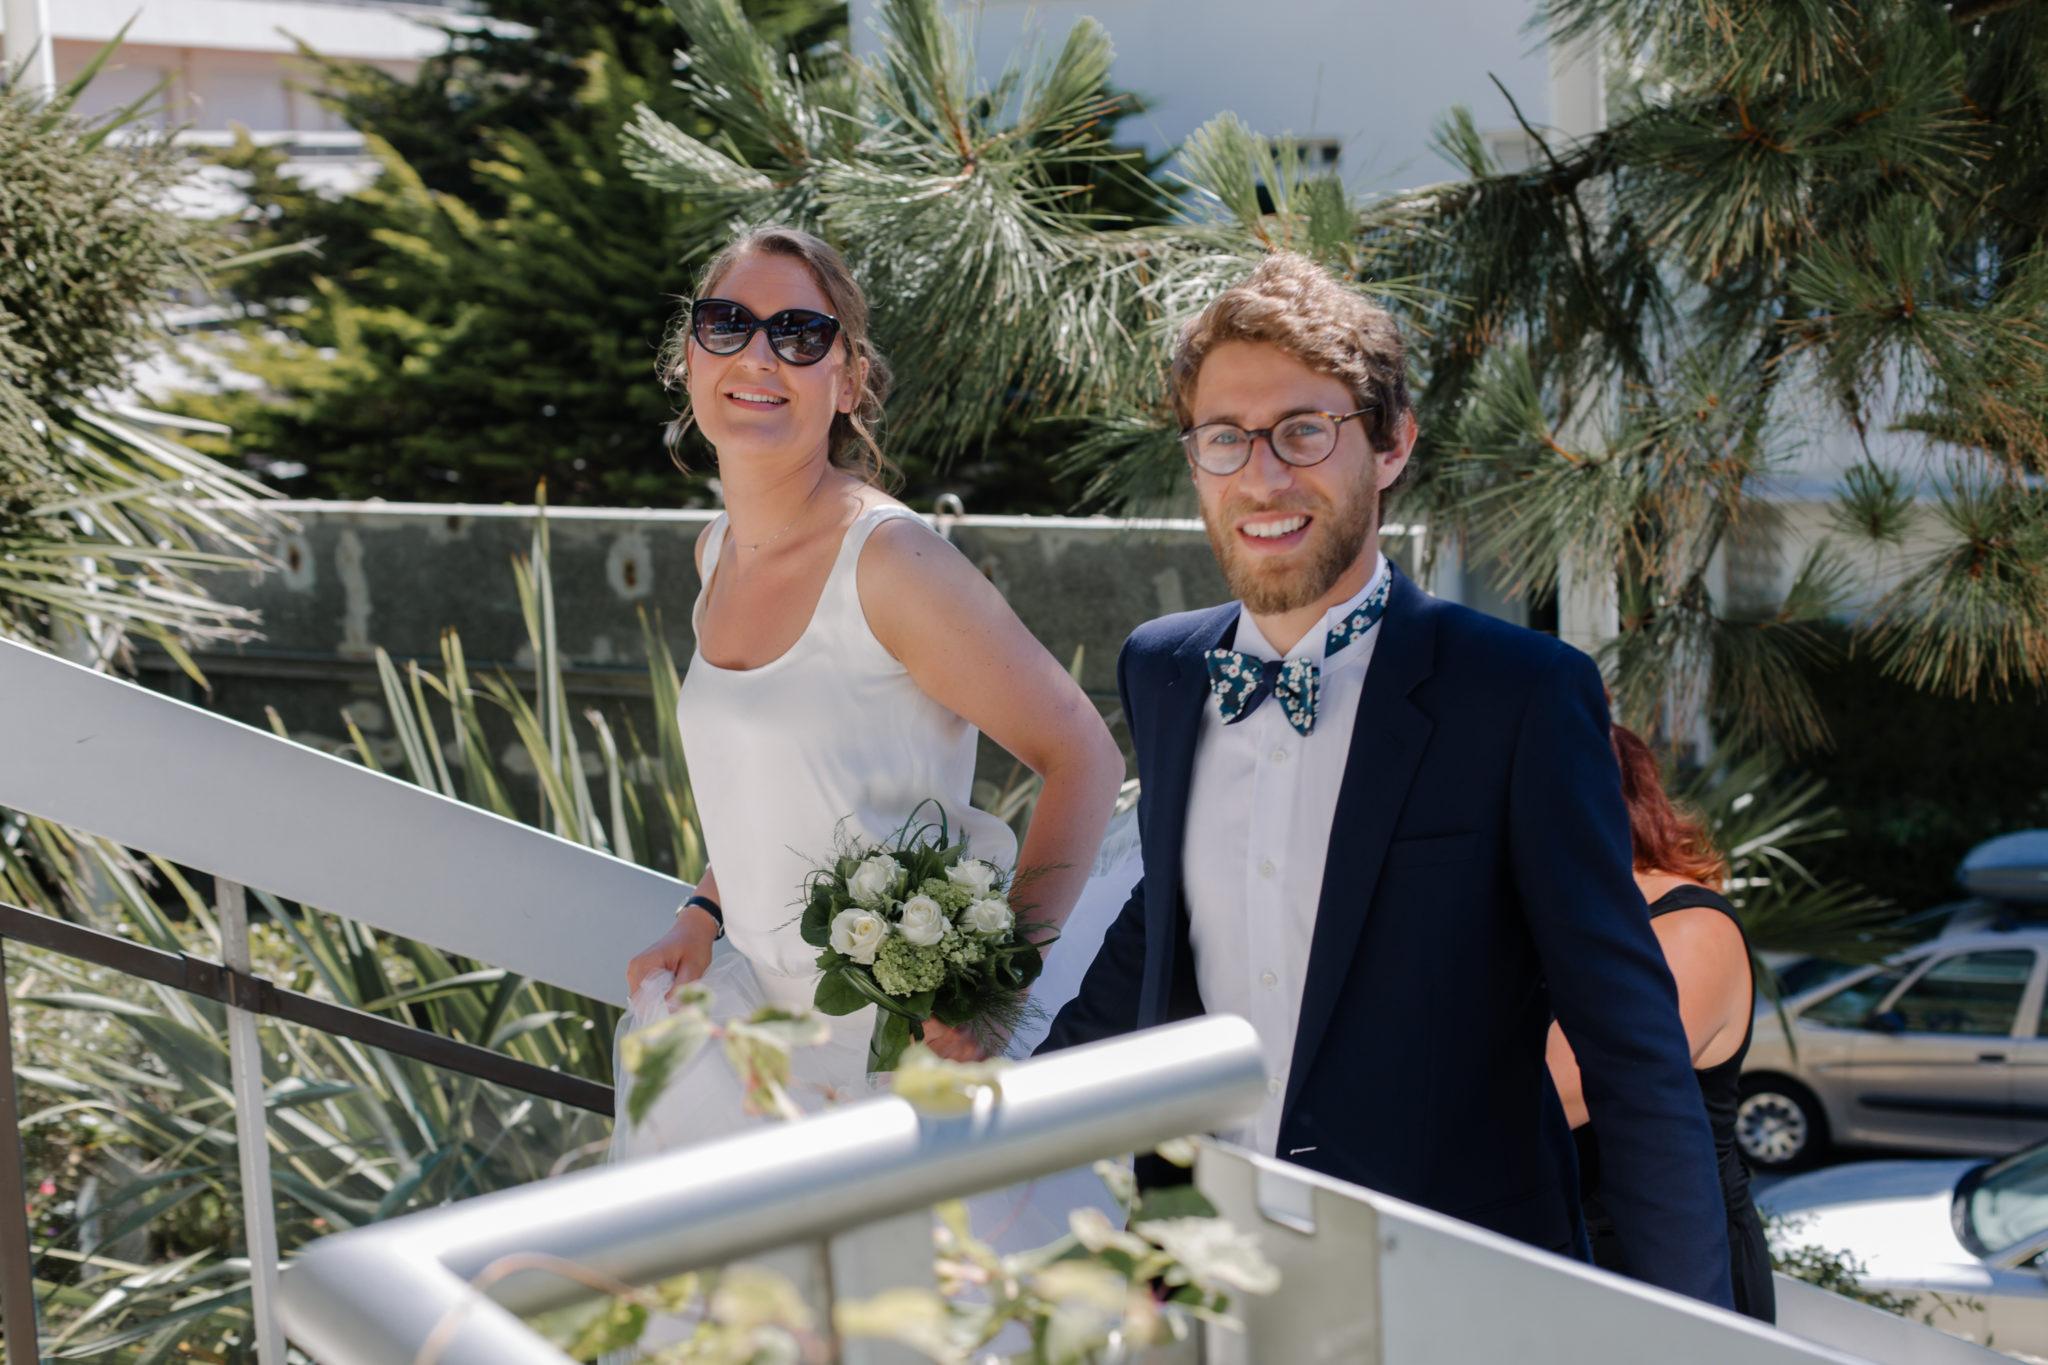 Arrivée mariés mairie La Baule Chateau-Saint-Marc St Nazaire Atlantique